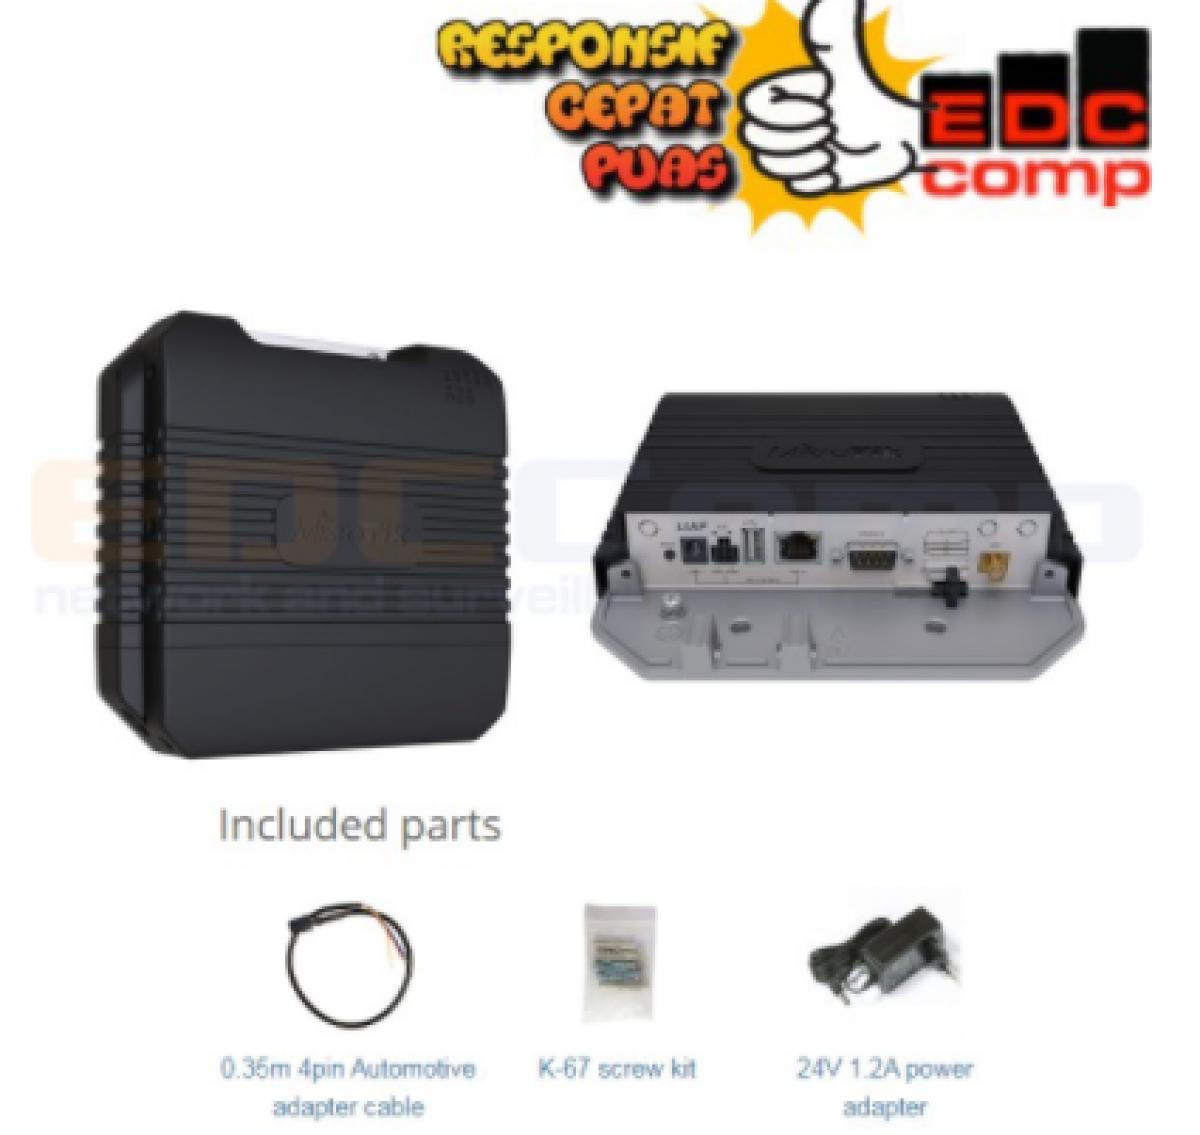 MikroTik LtAP LTE Kit - RBLtAP-2HnD-R11e-LTE - RBLtAP-2HnD&R11e - EdcComp